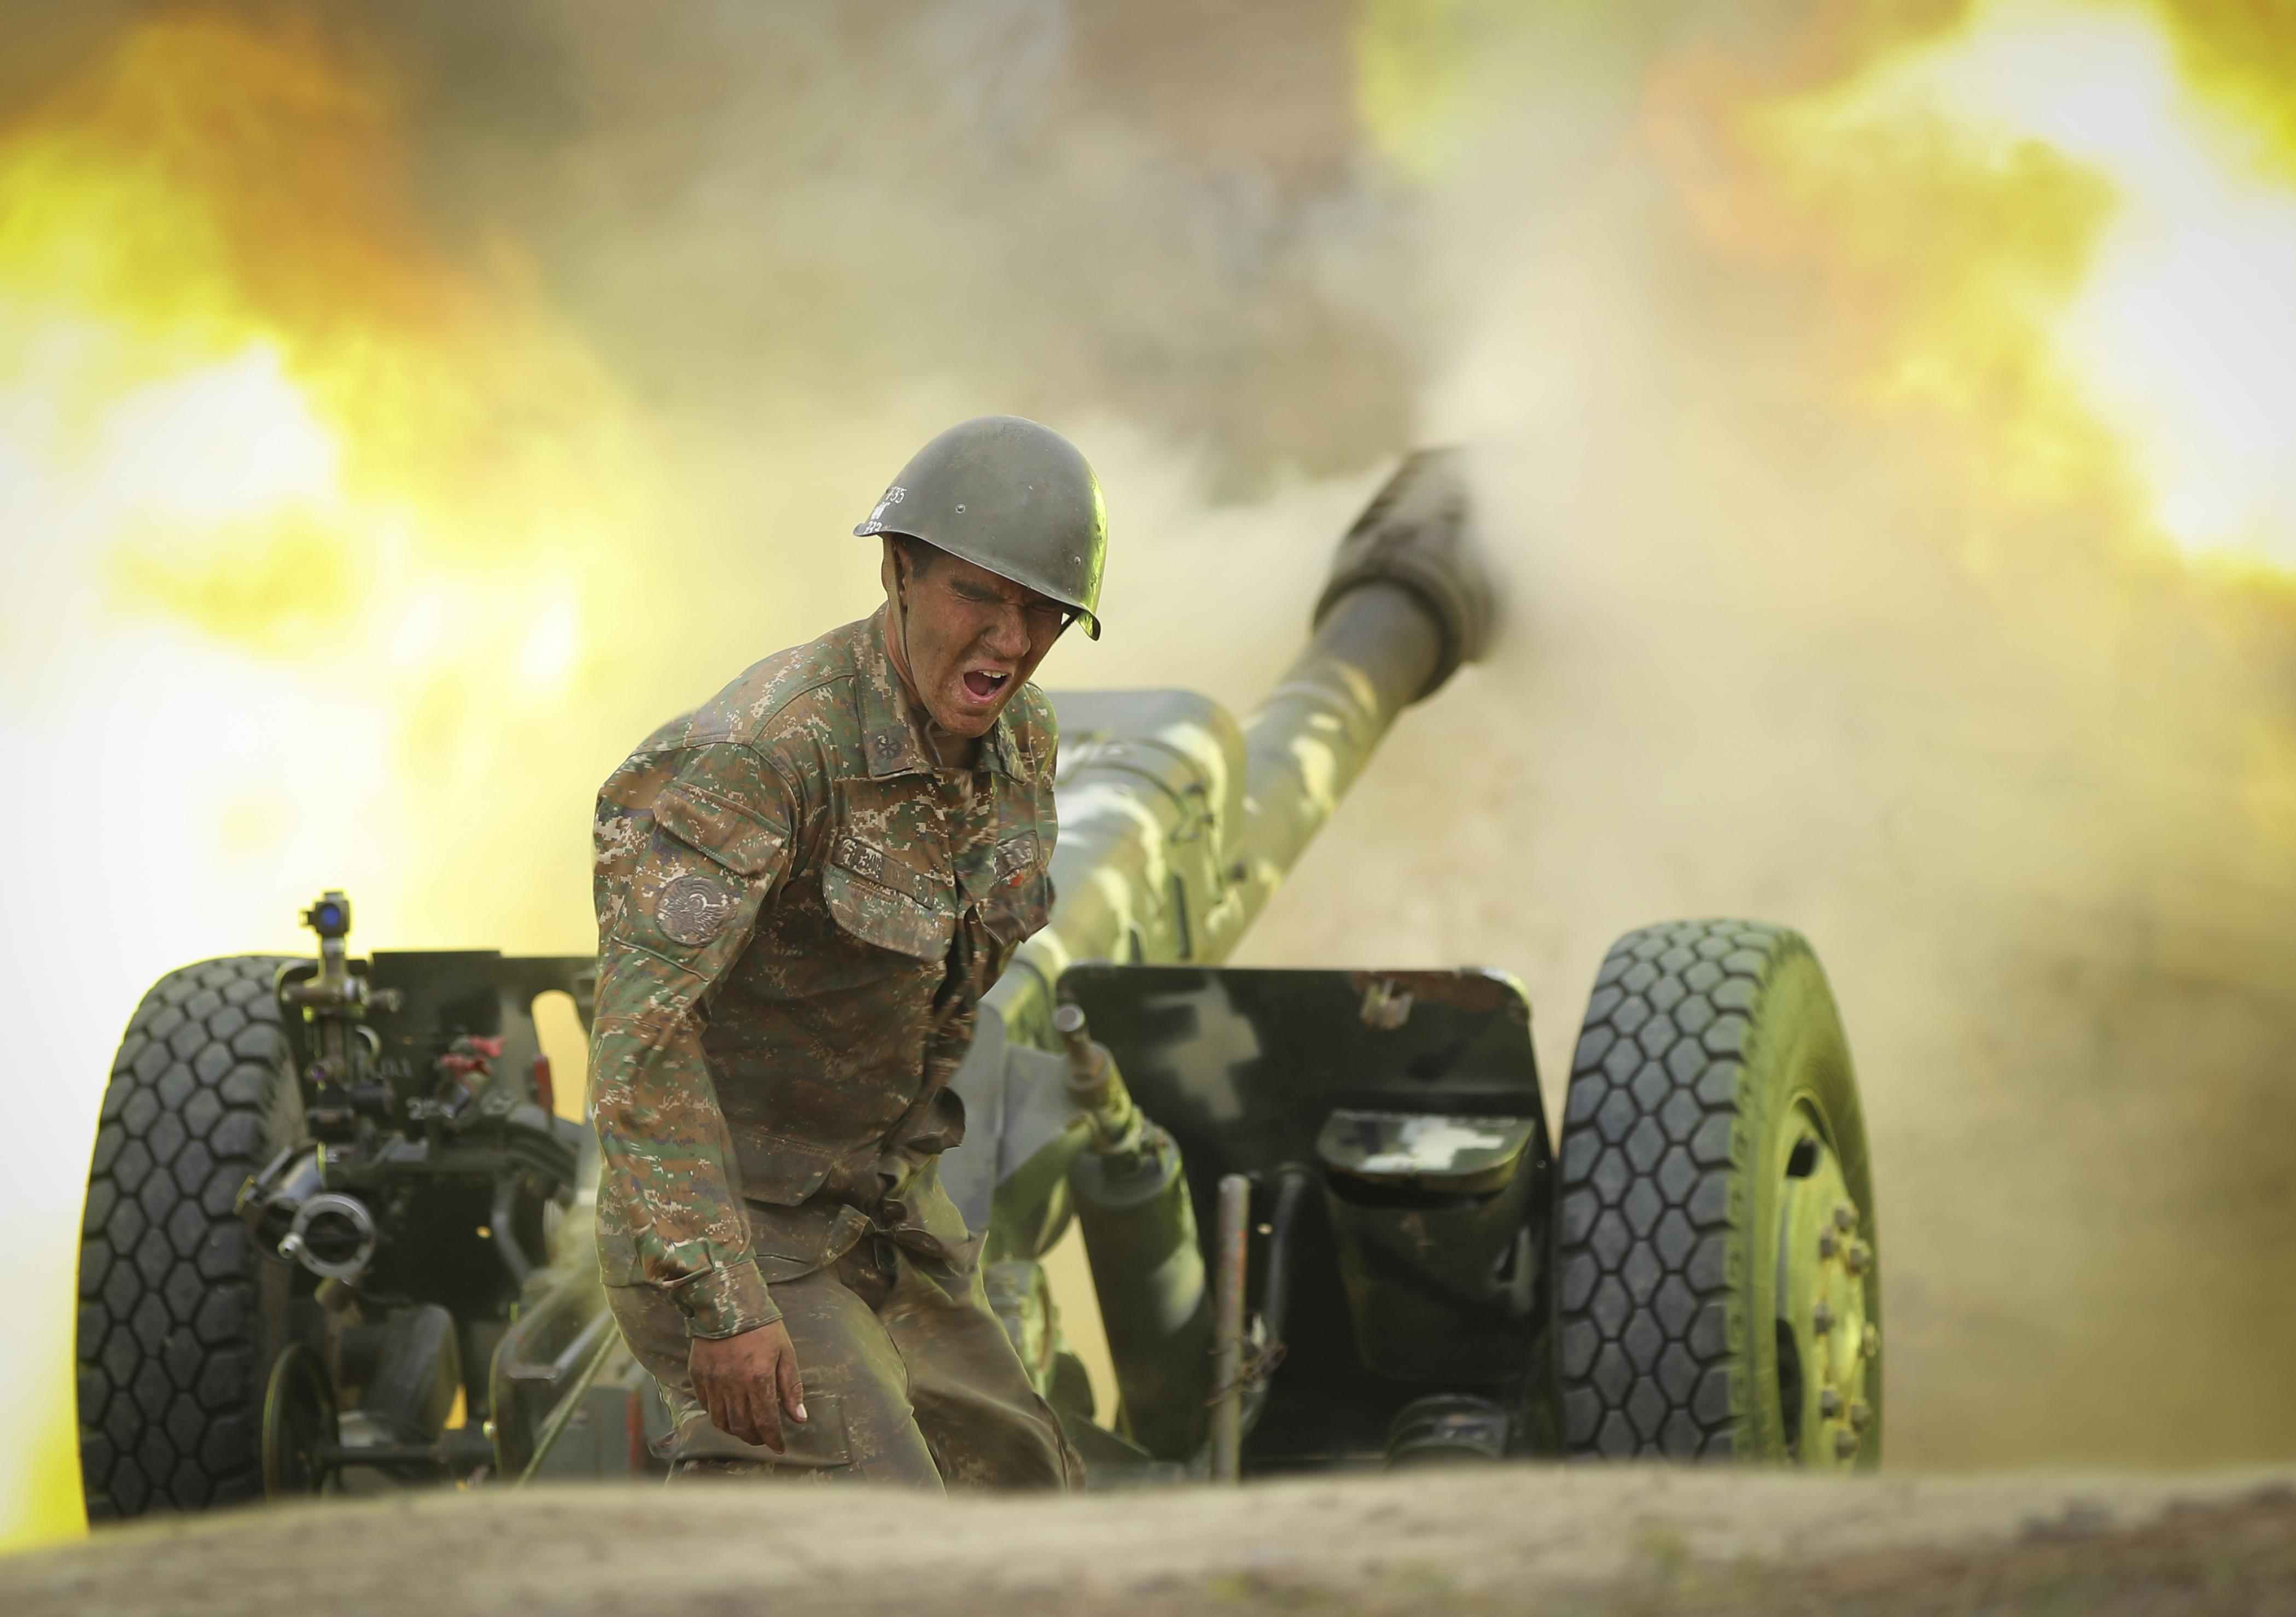 An Armenian serviceman fires a cannon towards Azerbaijan positions in the self-proclaimed Republic of Nagorno-Karabakh, Azerbaijan, Tuesday, Sept. 29, 2020.